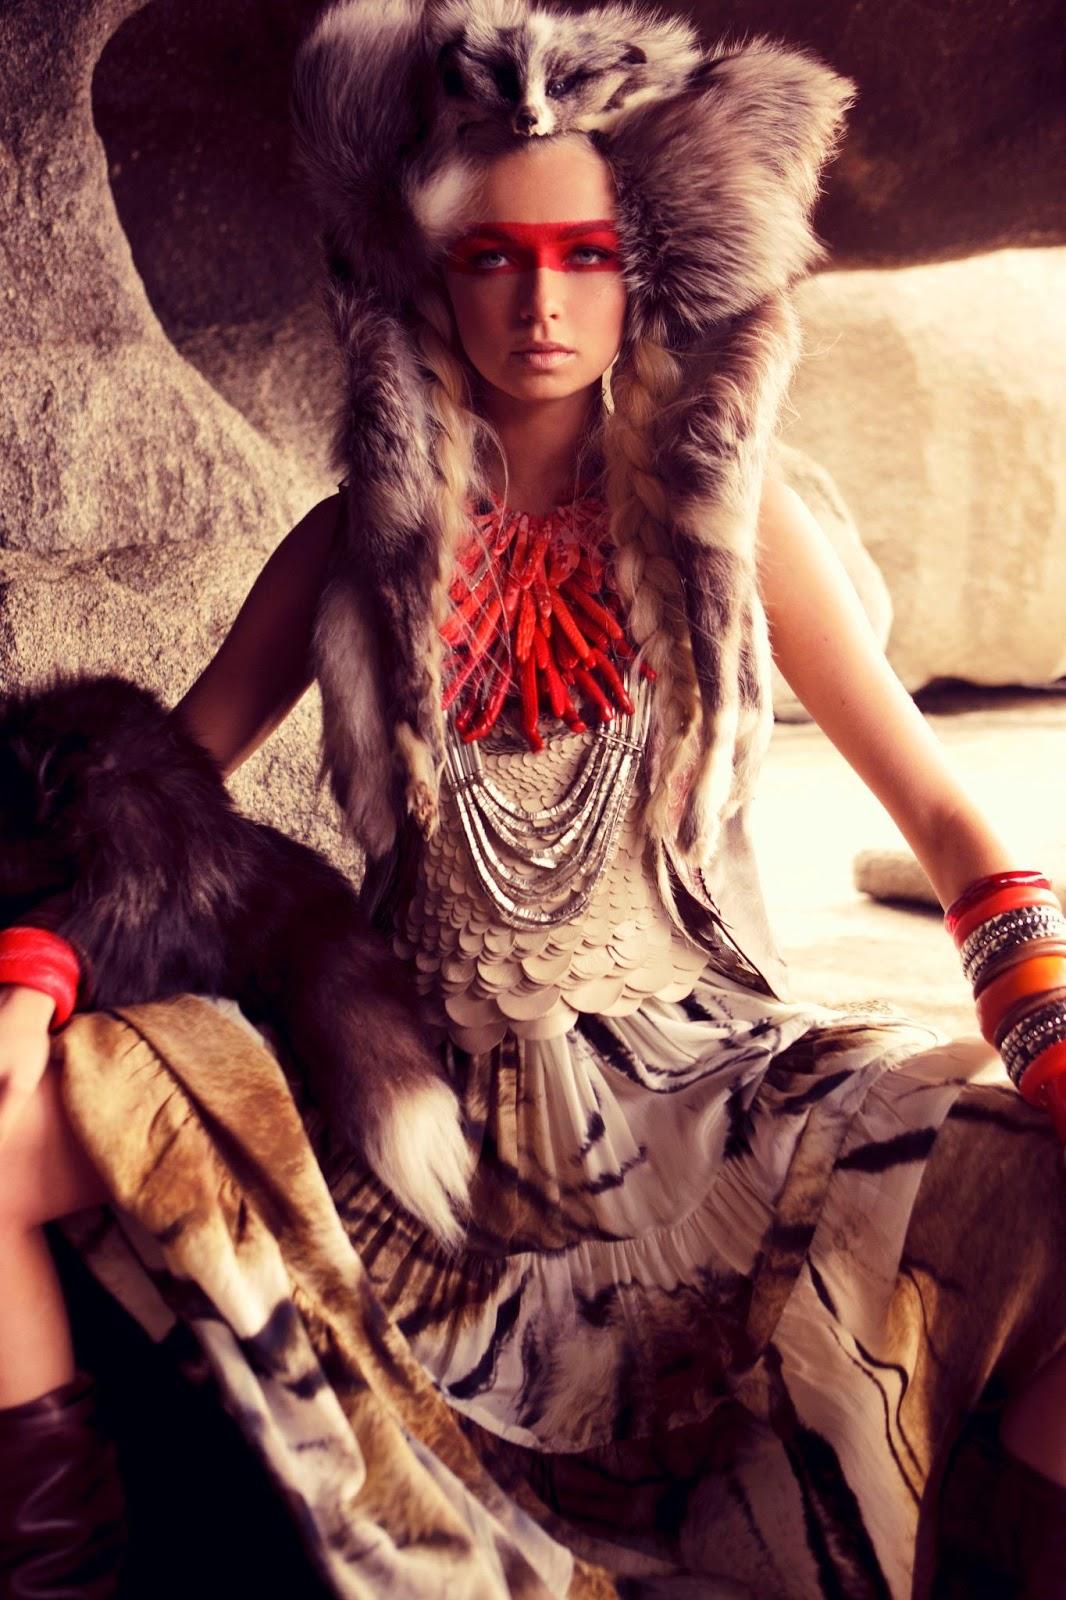 Фото девушка в образе индианки 12 фотография